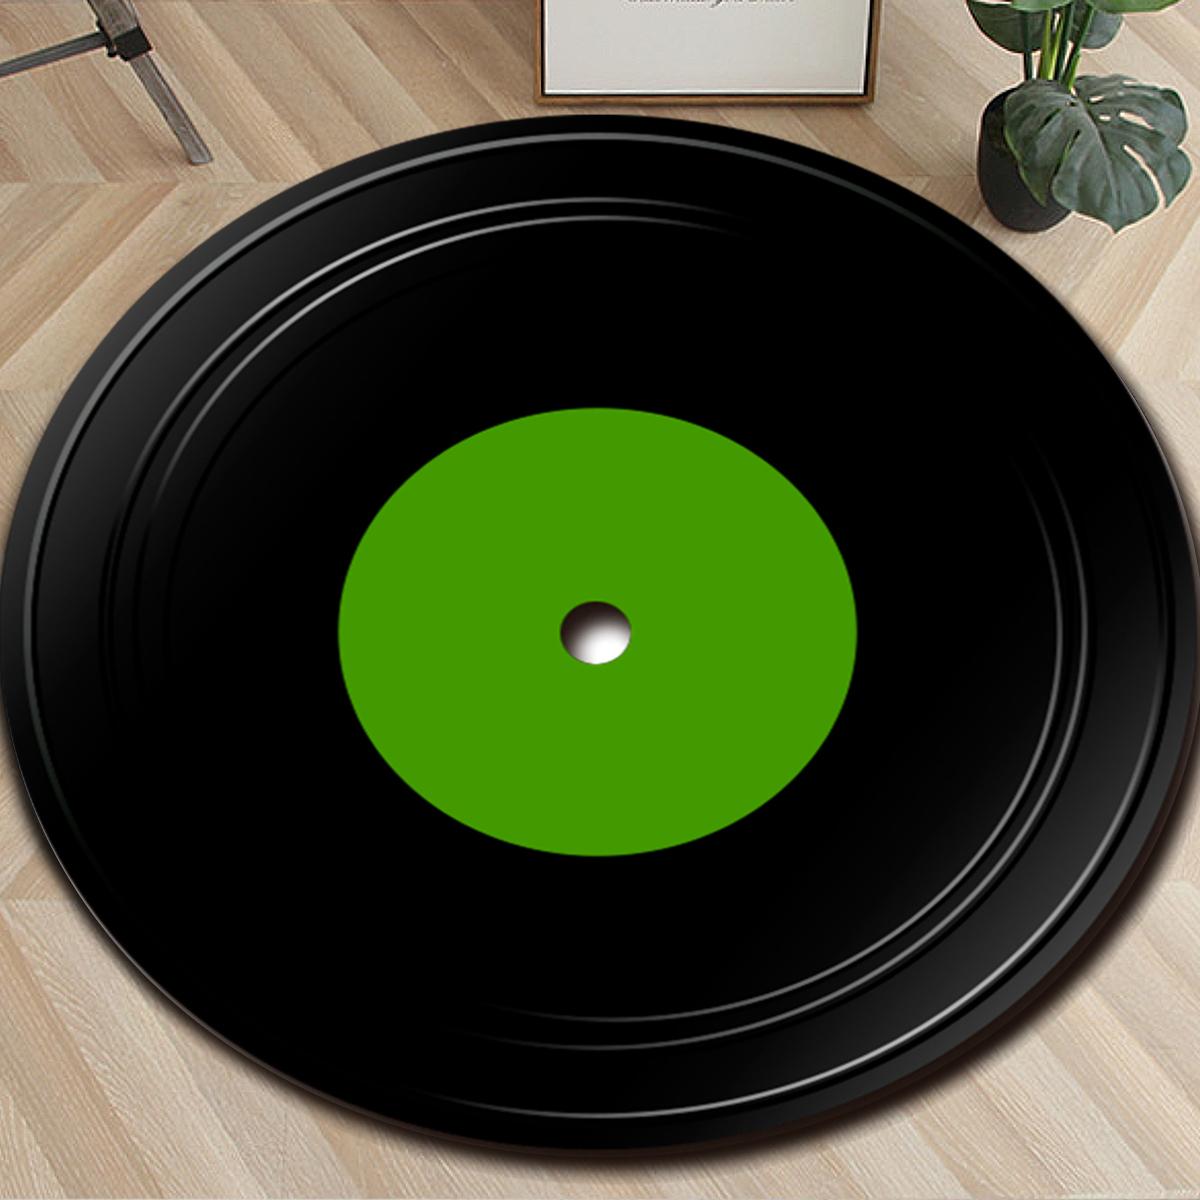 Fashions Vinyl Record Carpet Round Floor Mat Decorative Indoor/Outdoor/Front Welcome Door Mat